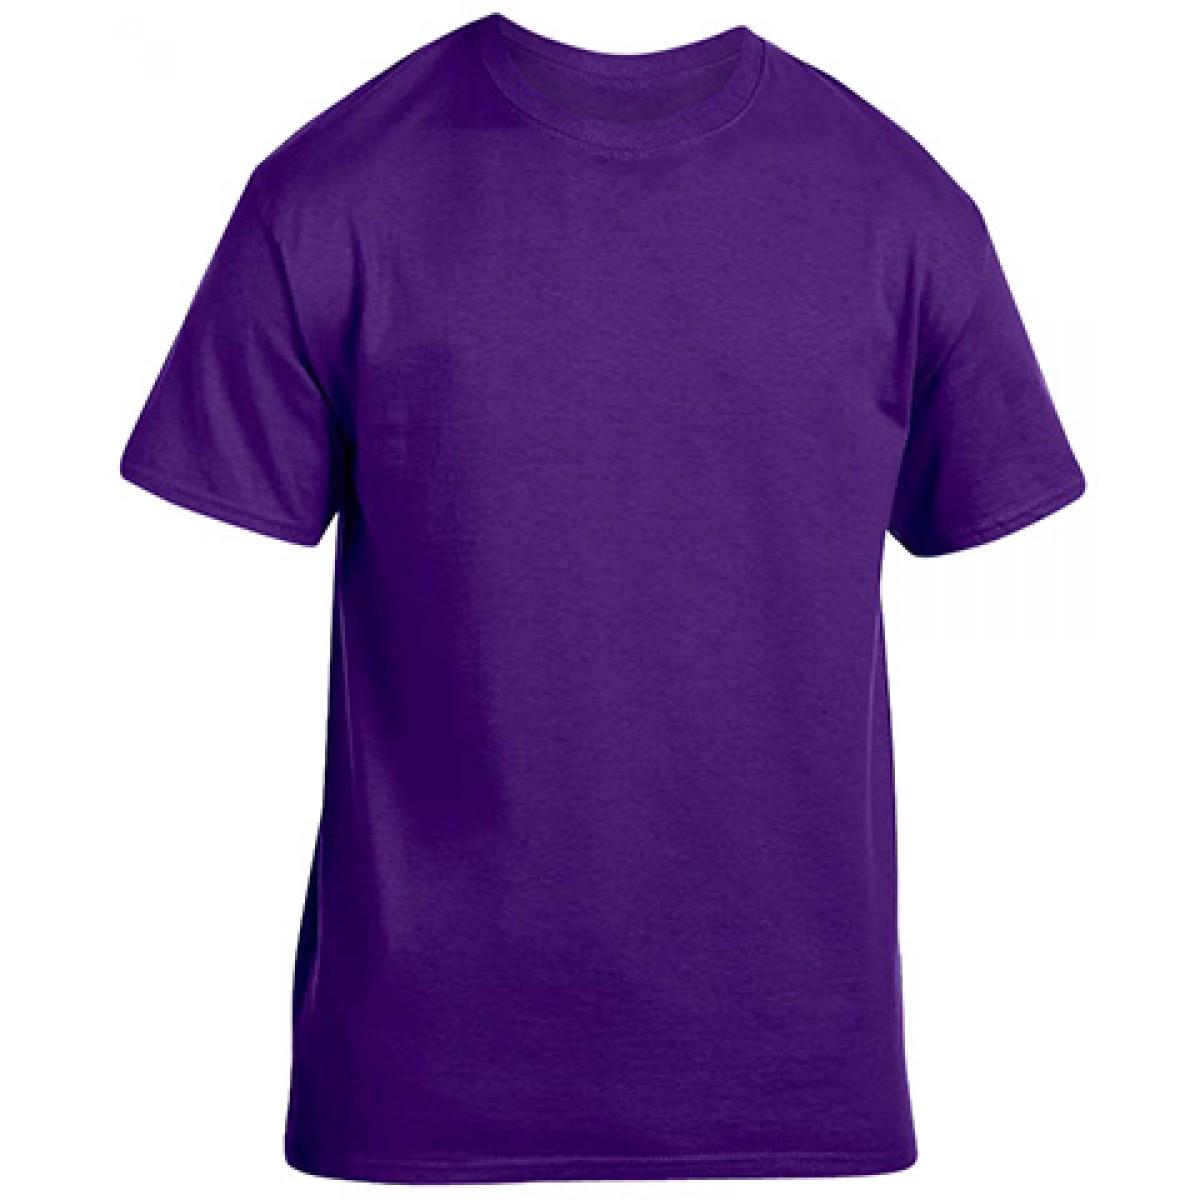 Soft 100% Cotton T-Shirt-Purple-S